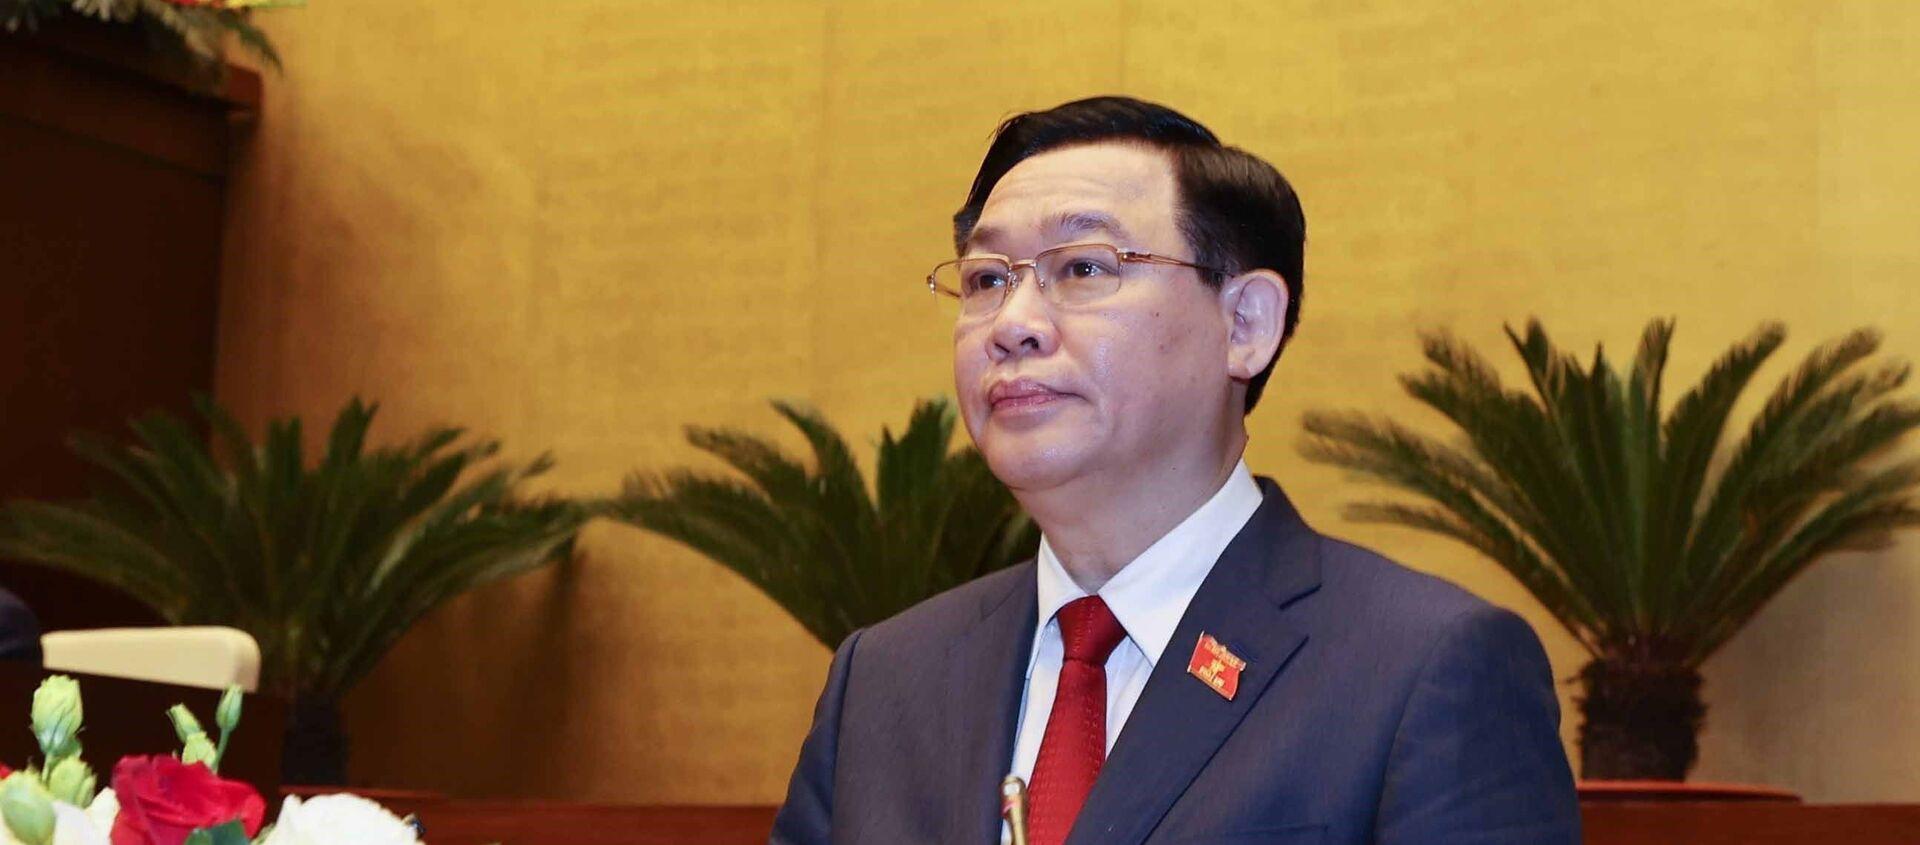 Chủ tịch Quốc hội Vương Đình Huệ phát biểu nhậm chức. - Sputnik Việt Nam, 1920, 31.03.2021